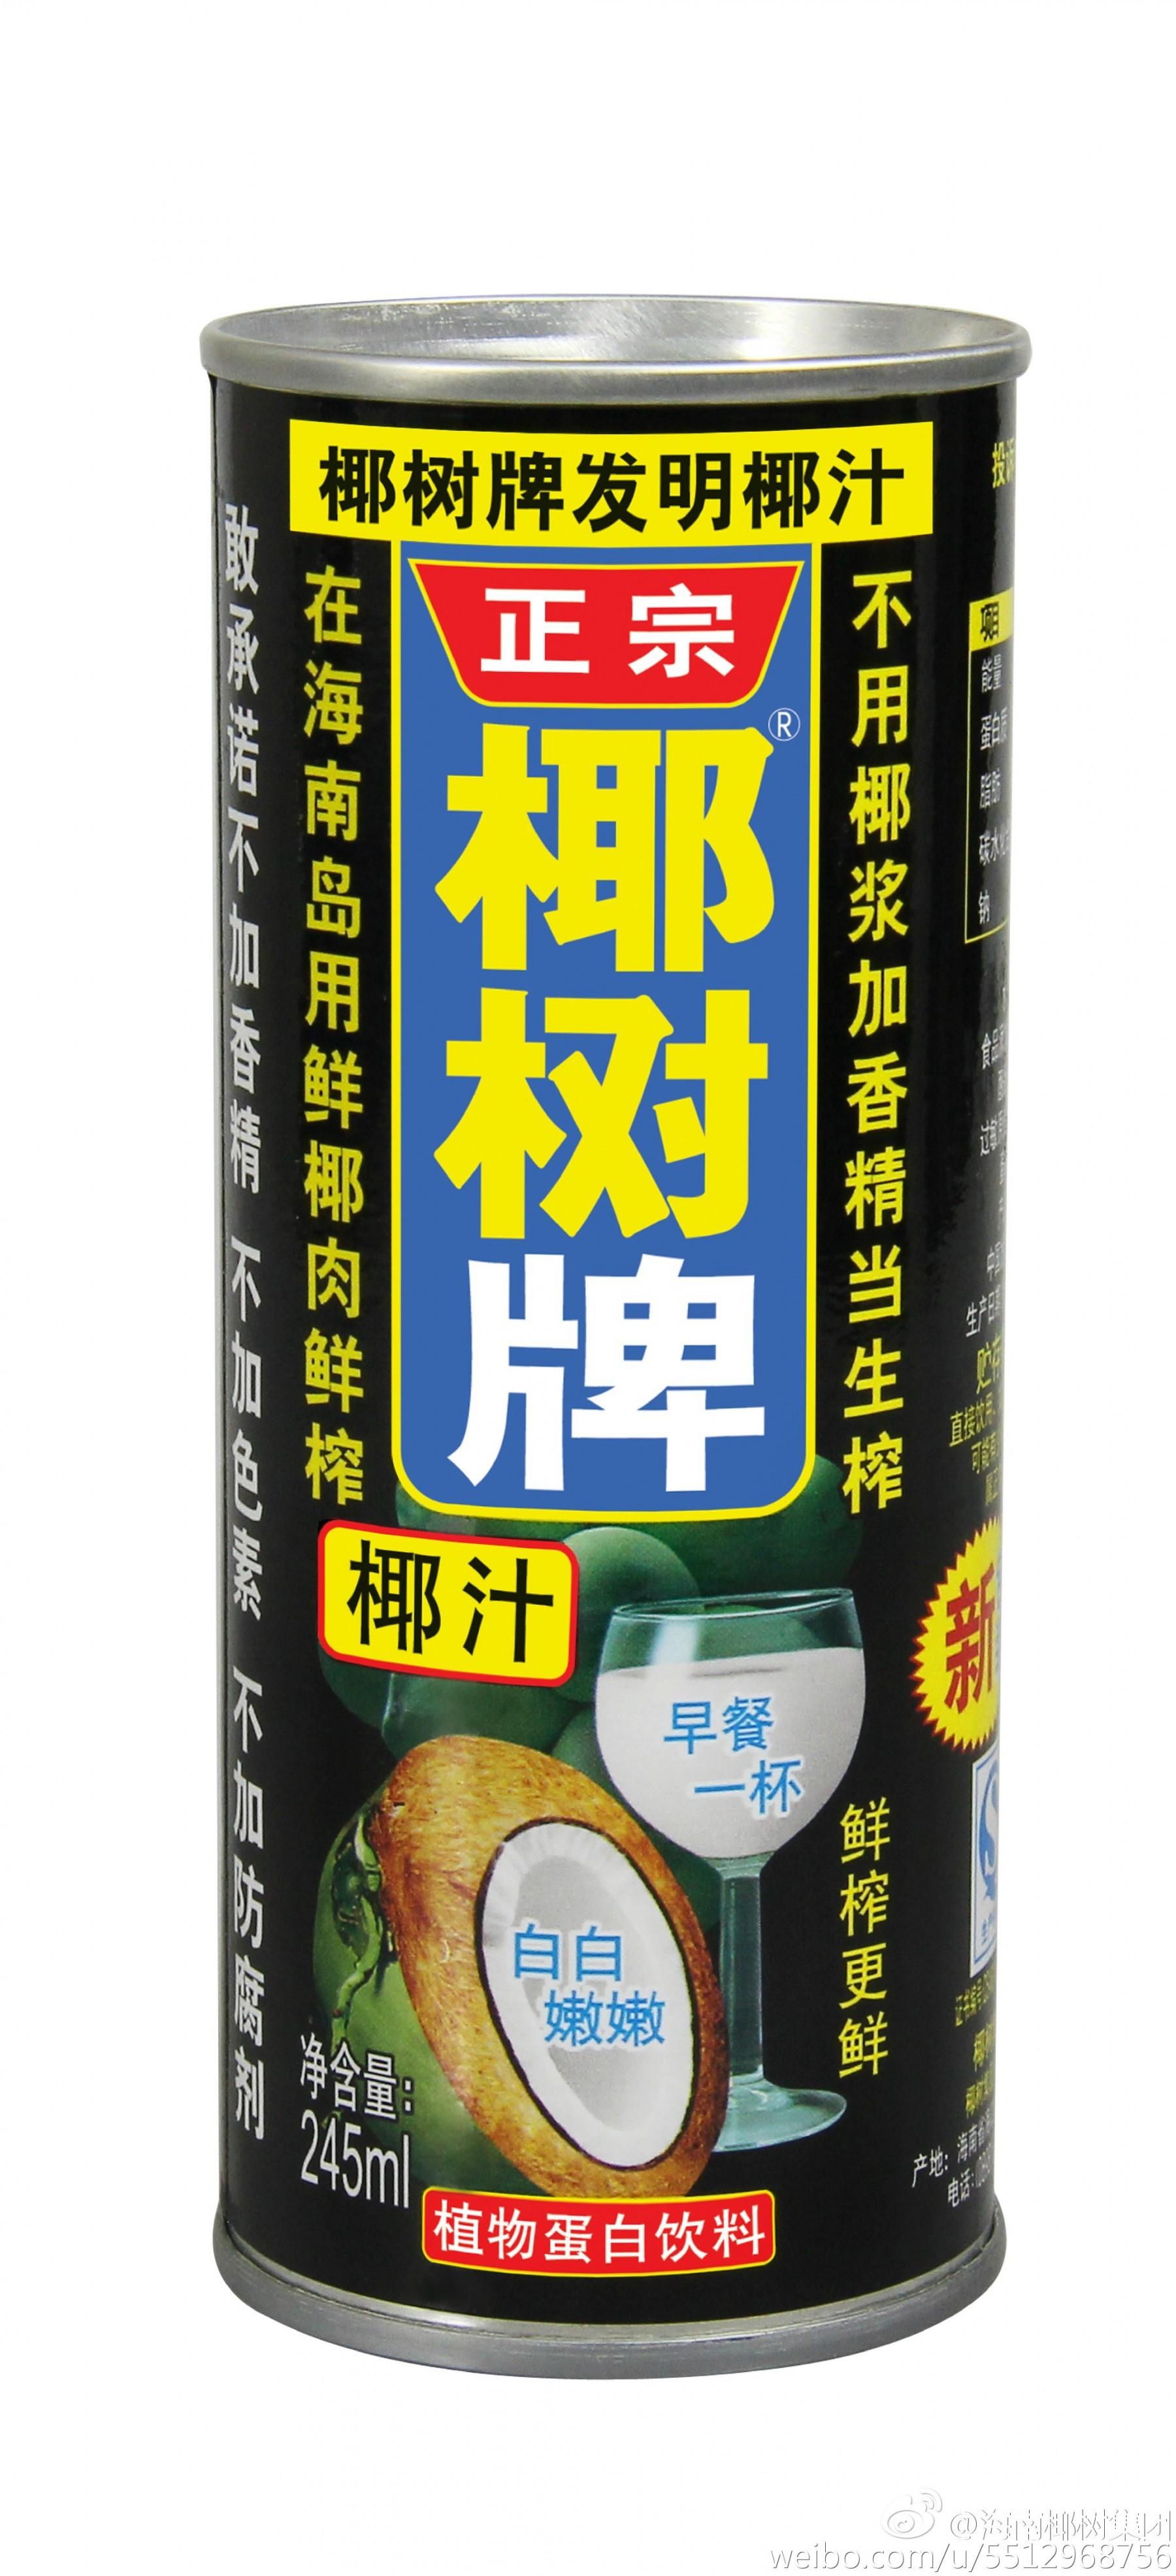 椰树牌椰汁